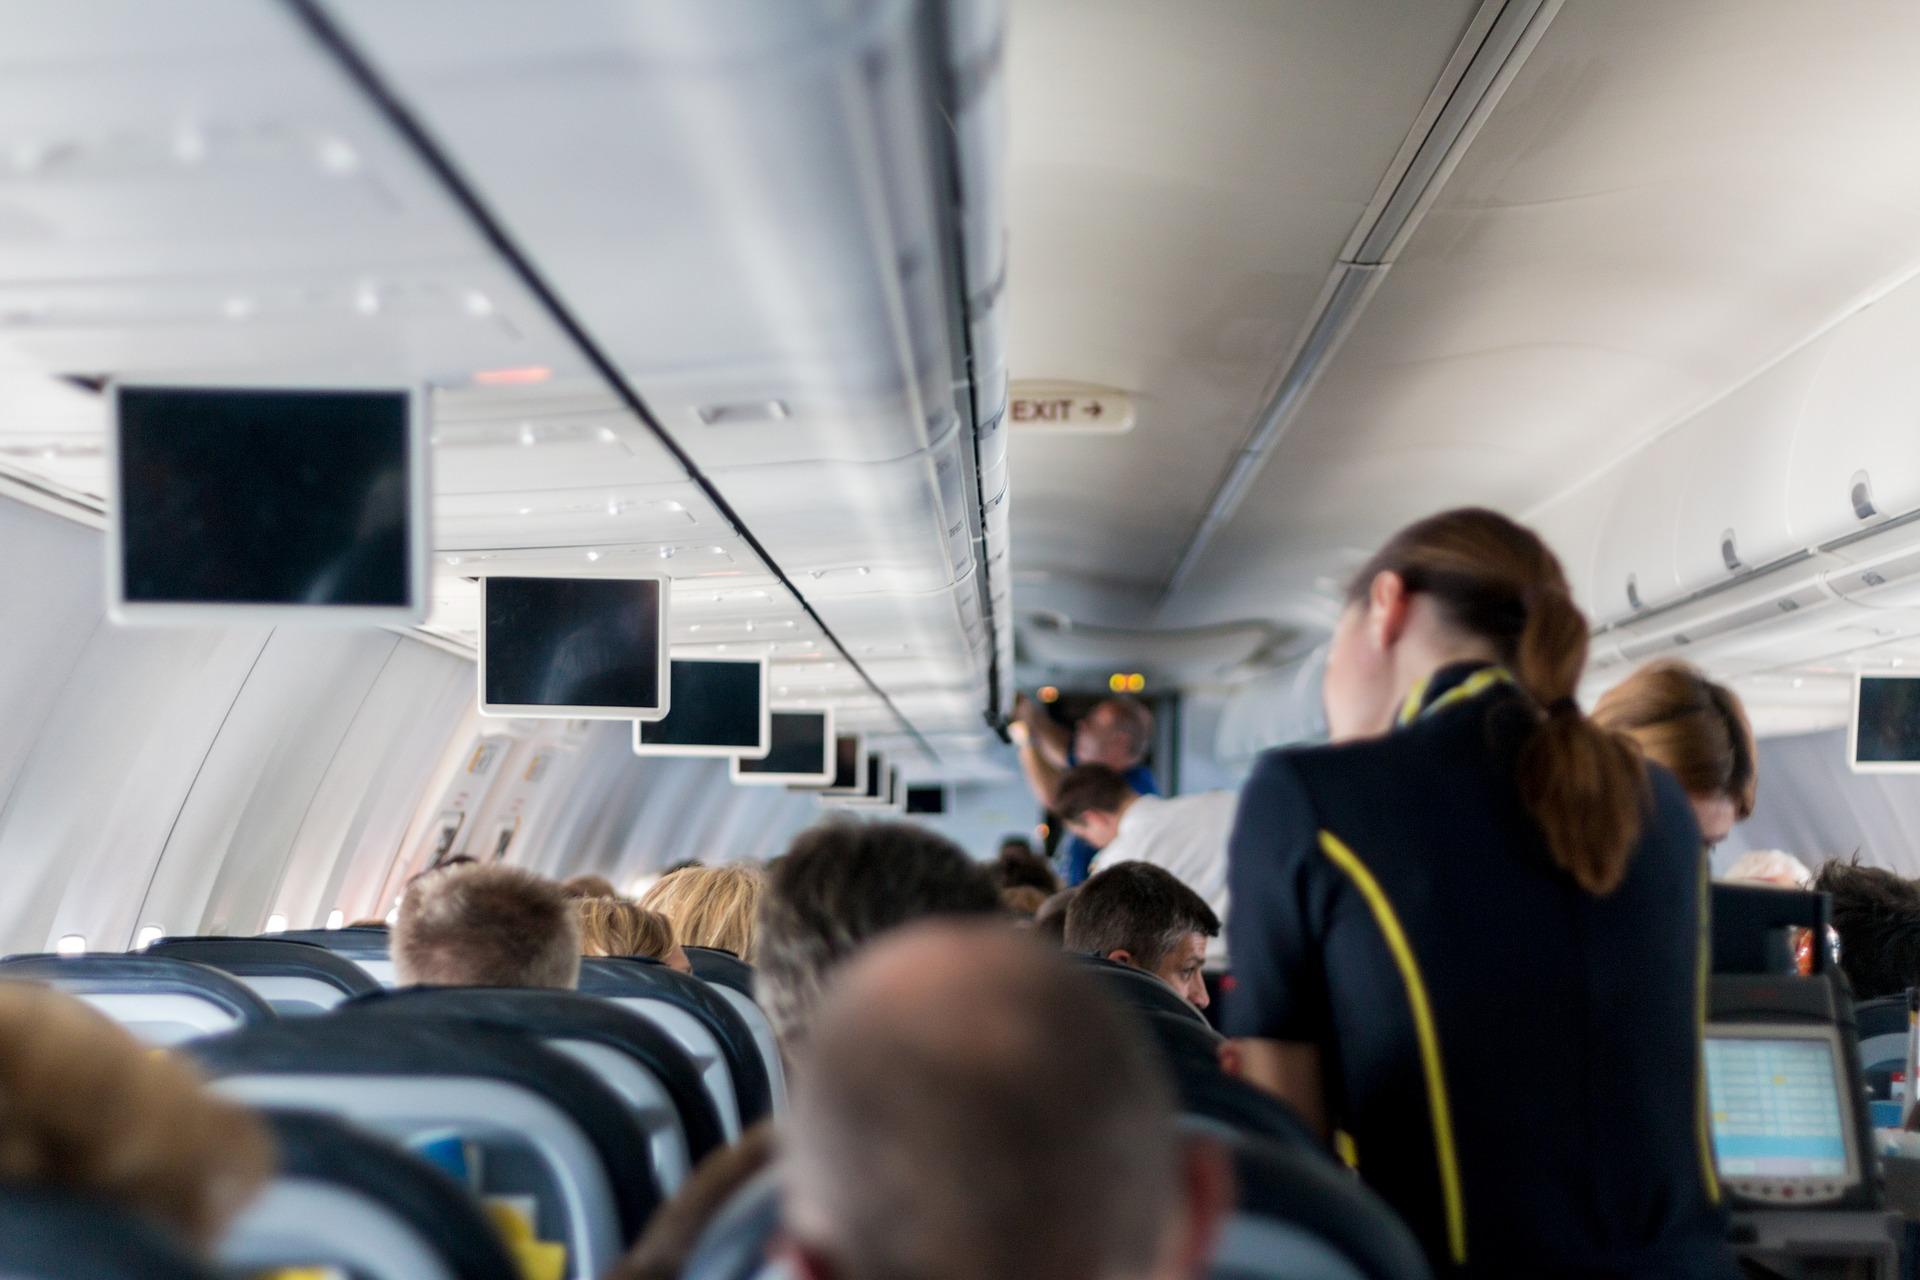 تا تاریخ ۳۱ آگوست، از پروازهای بینالمللی گرجستان خبری نیست.